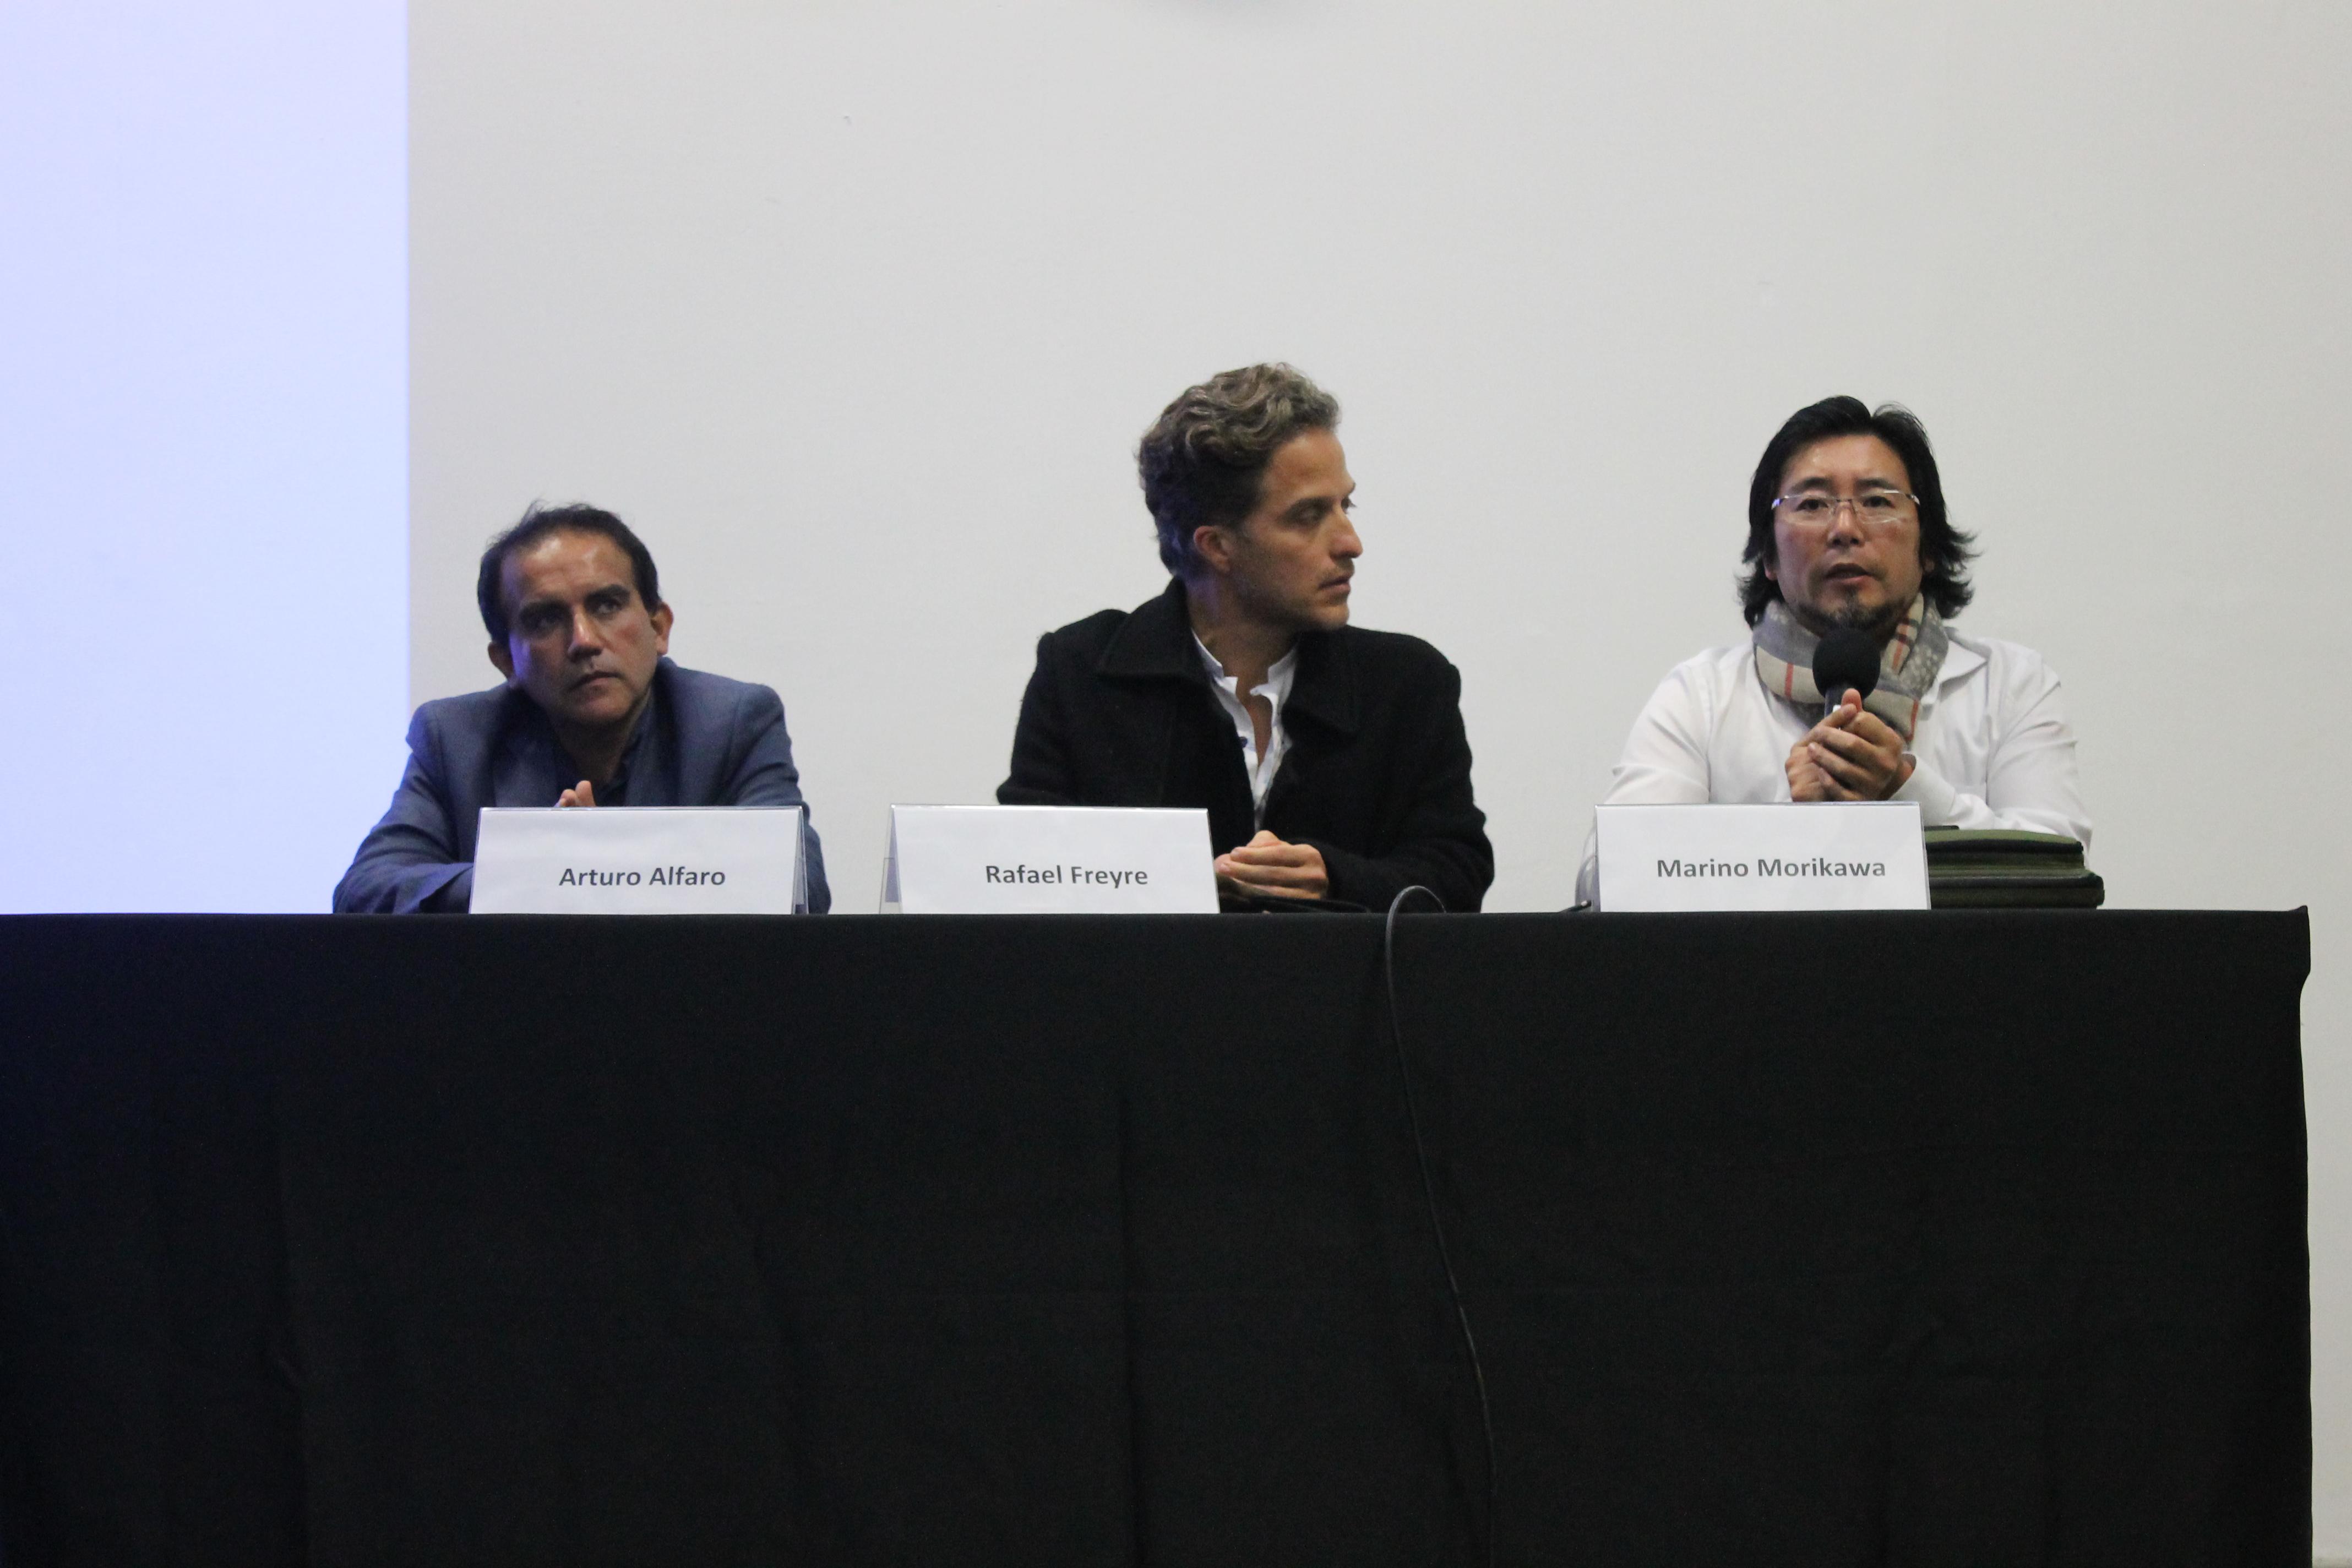 Arturo Alfaro, Rafael Freyre y Marino Morikawa conversan sobre los problemas que afectan a los humedales en el Perú. Arturo Alfaro, Rafael Freyre and Marino Morikawa discuss the problems that affect wetlands in Peru.